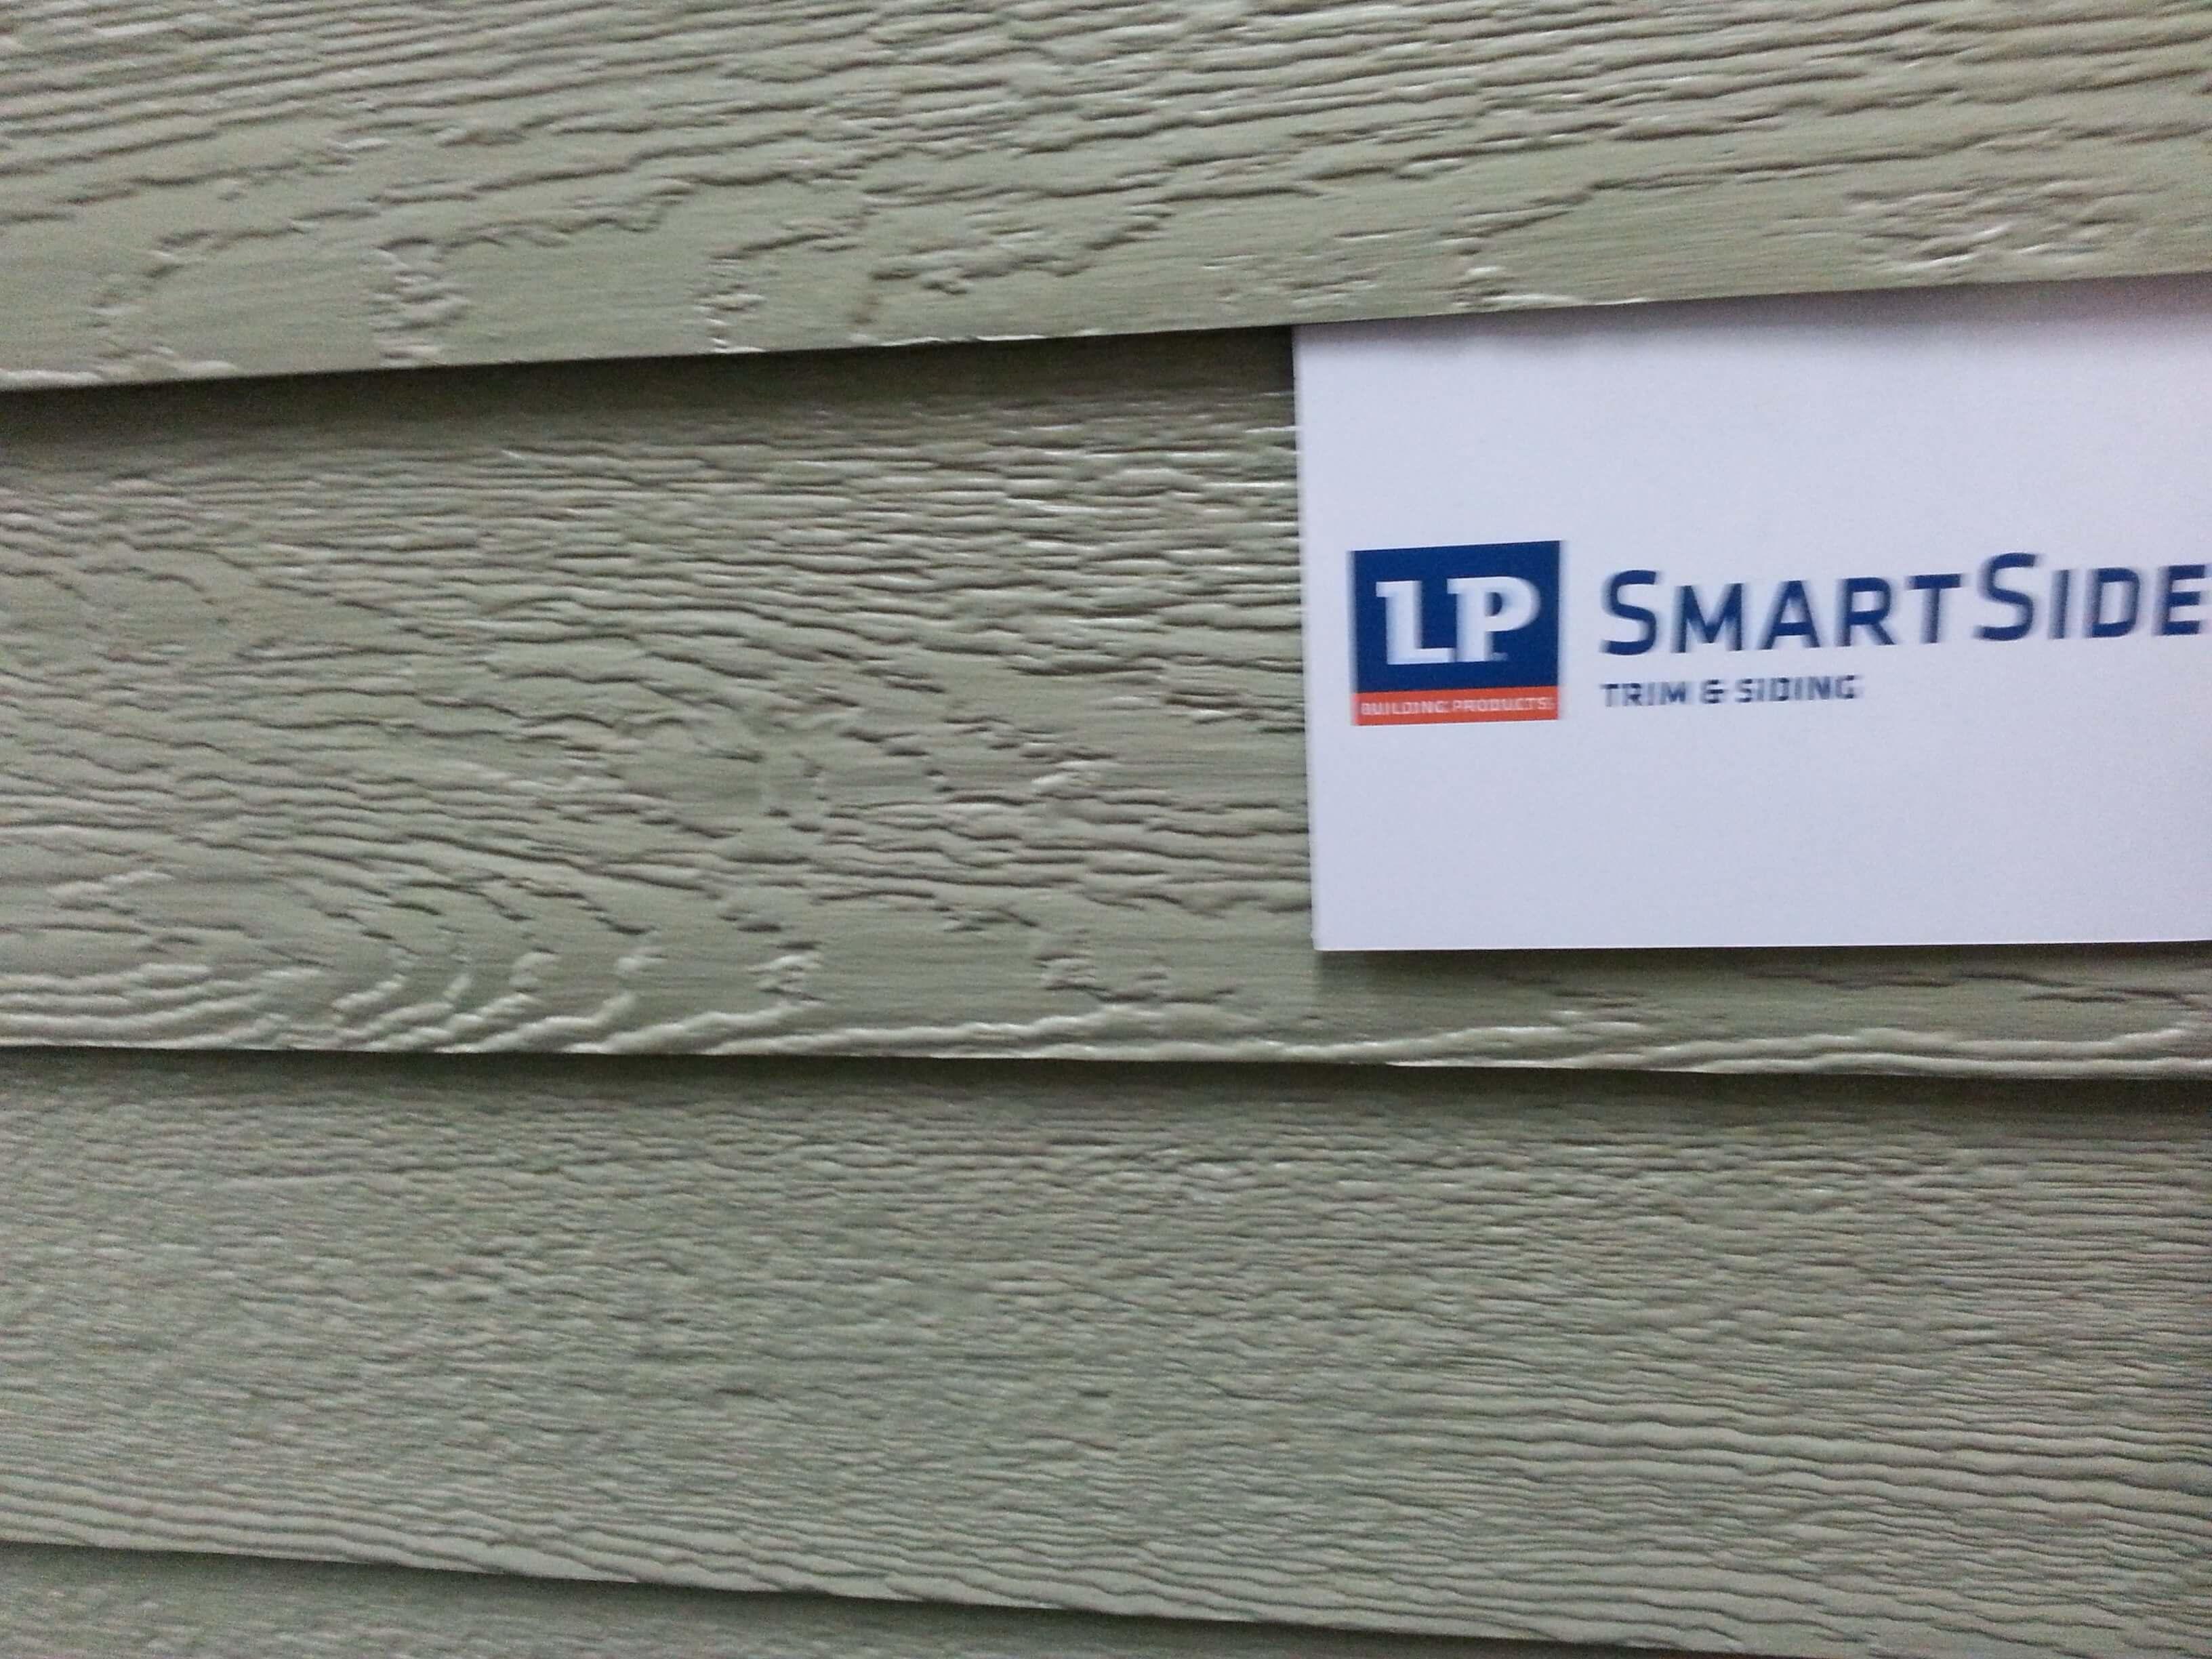 Here Comes Lp Smartside